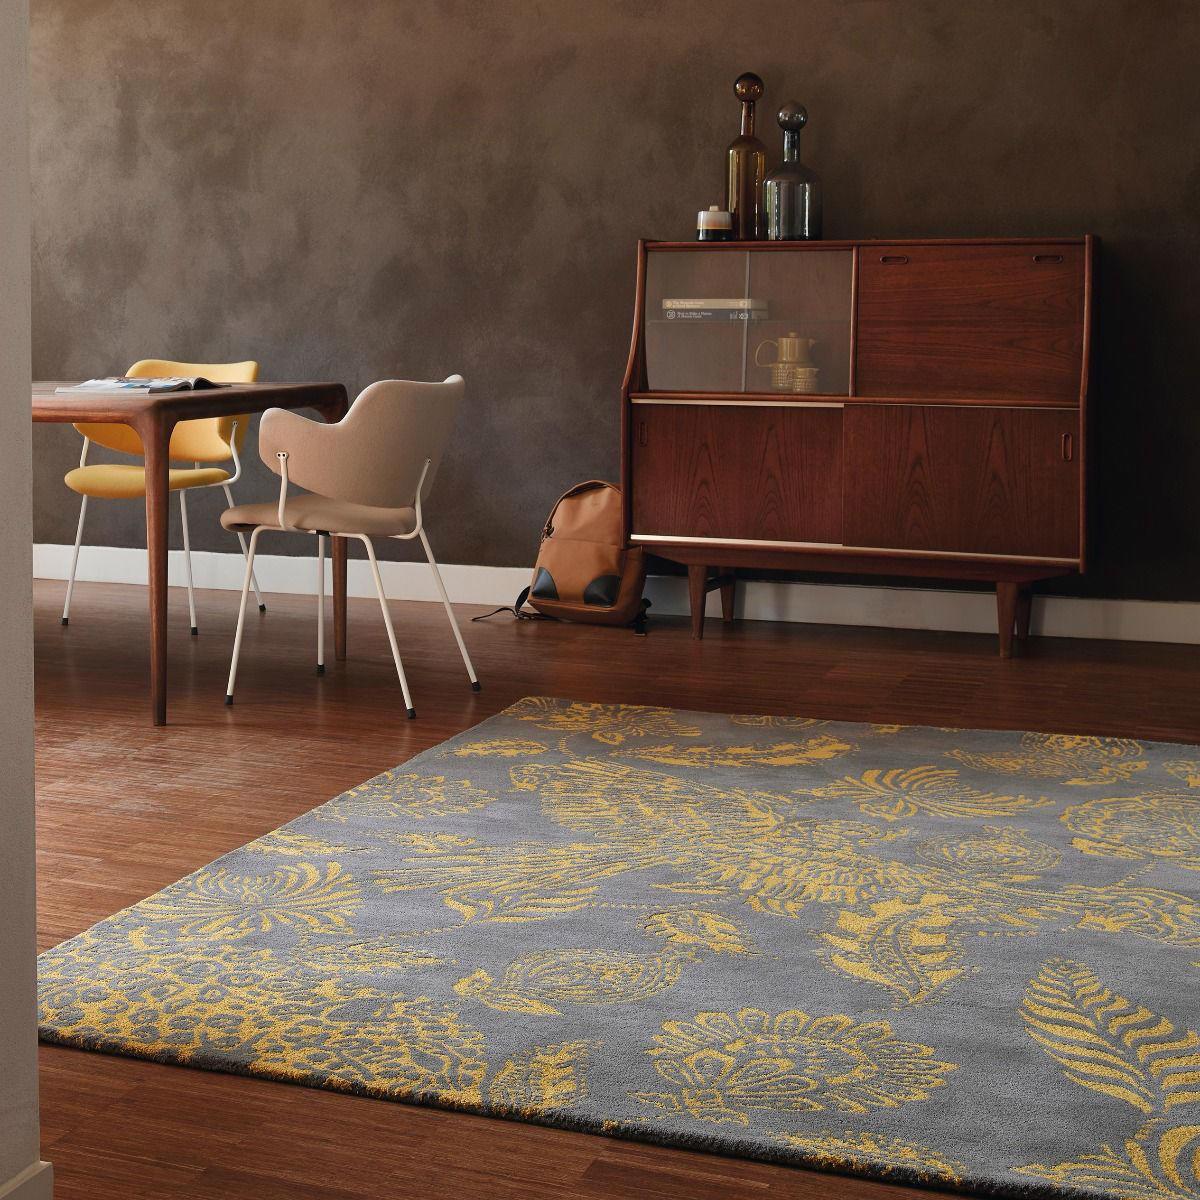 Alfombra loro Loran Amarillo • AO tienda online alfombras